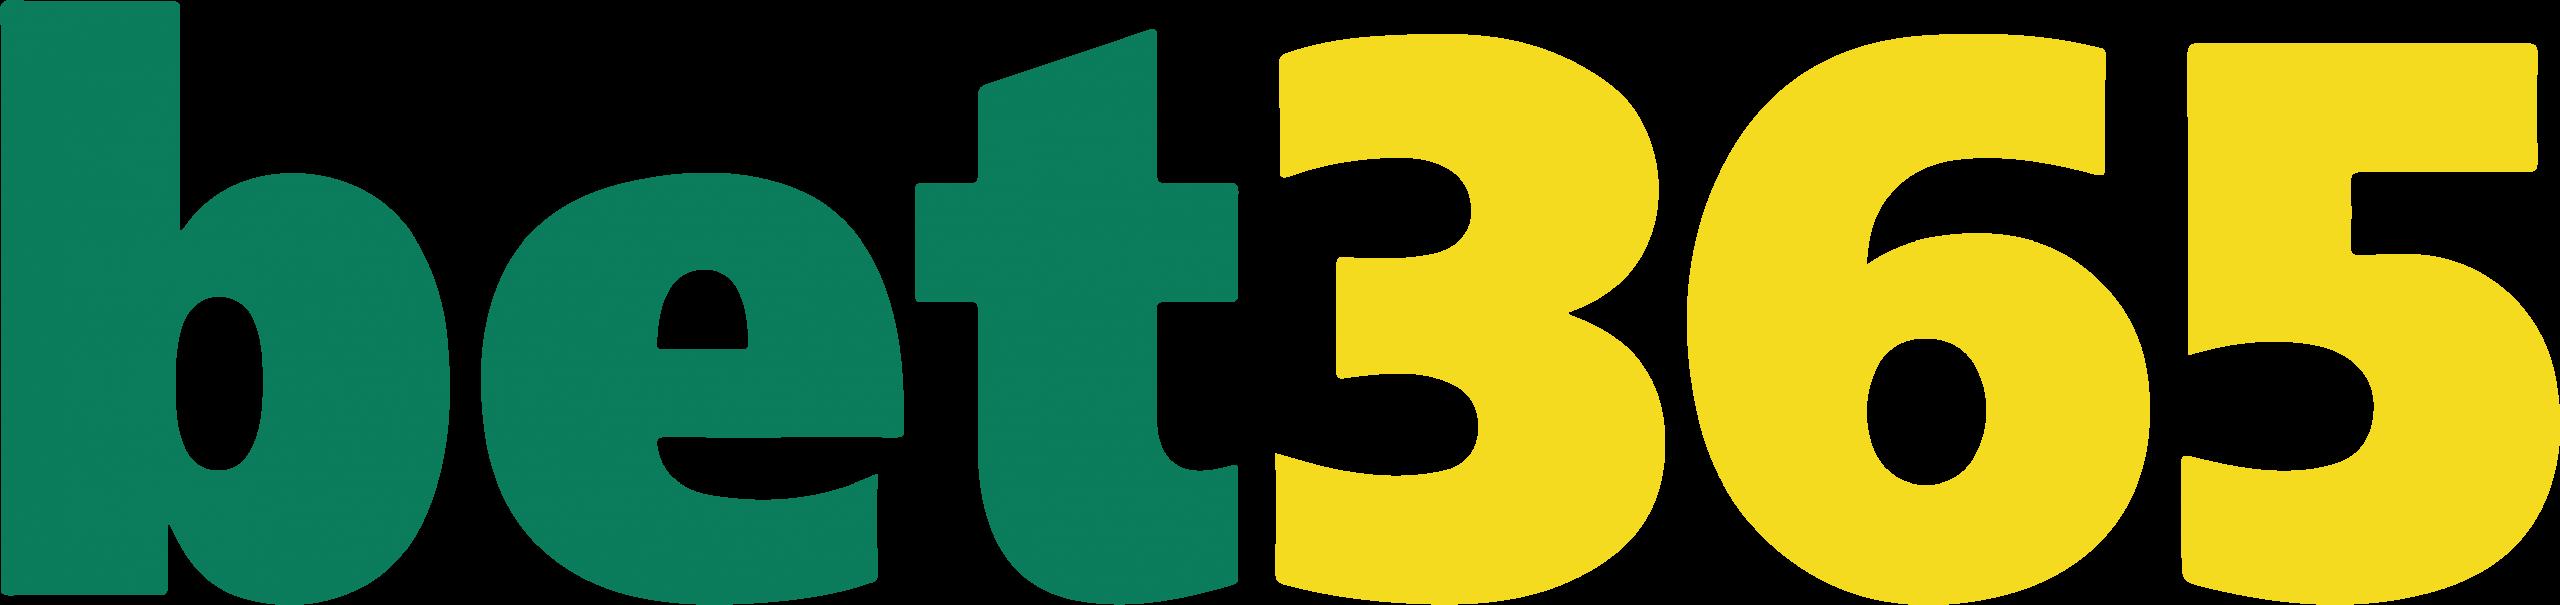 bet365 logo groen en geel via CasinoNieuws.nl